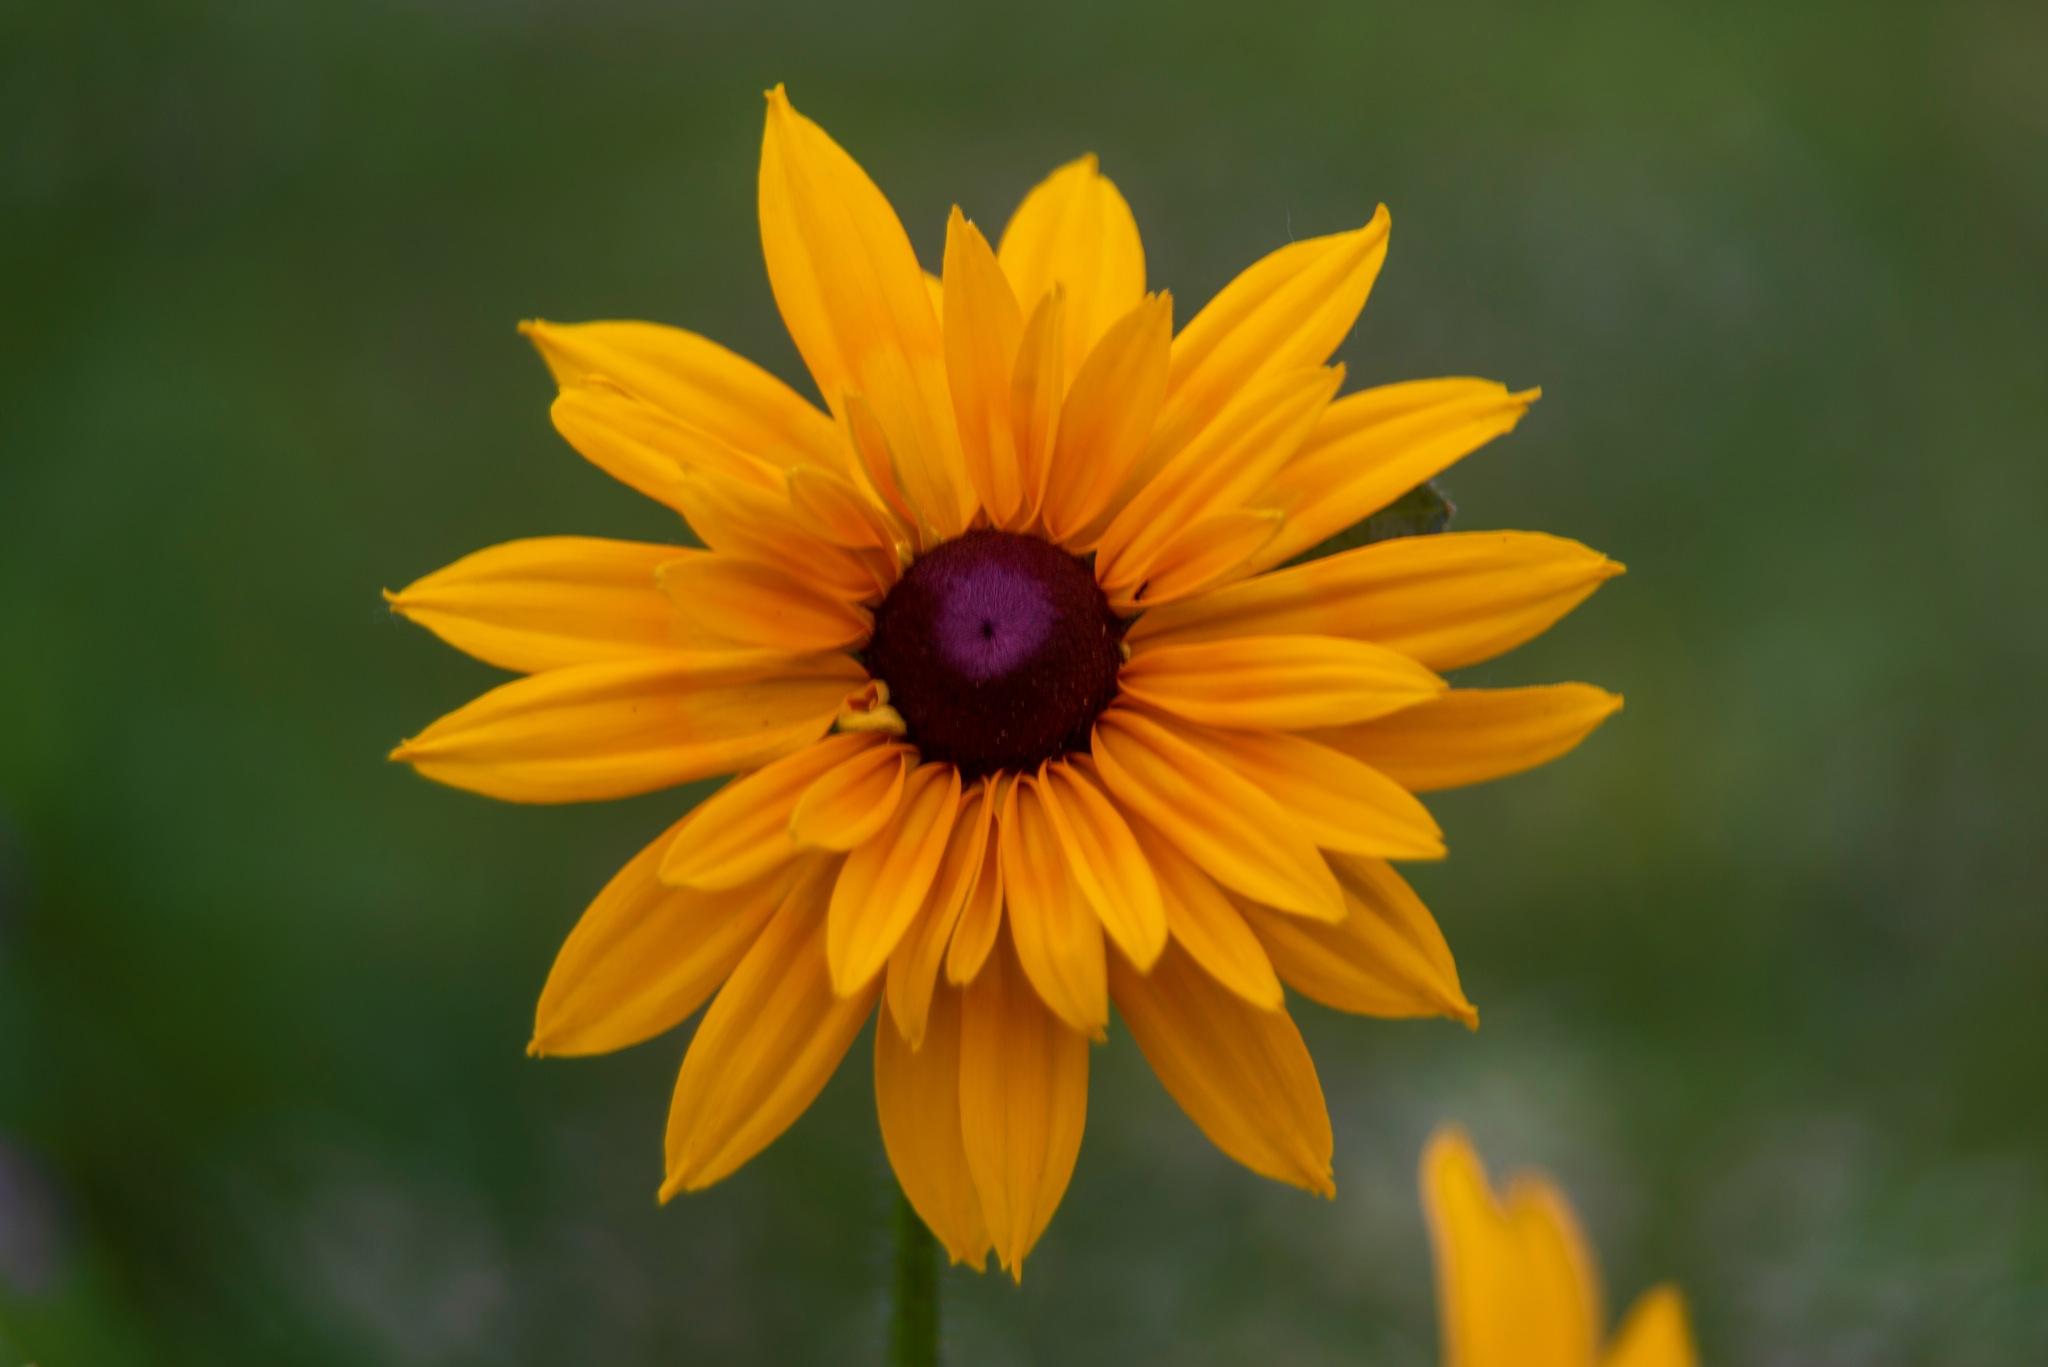 Wild Flower 2 by Sridhar R Setty